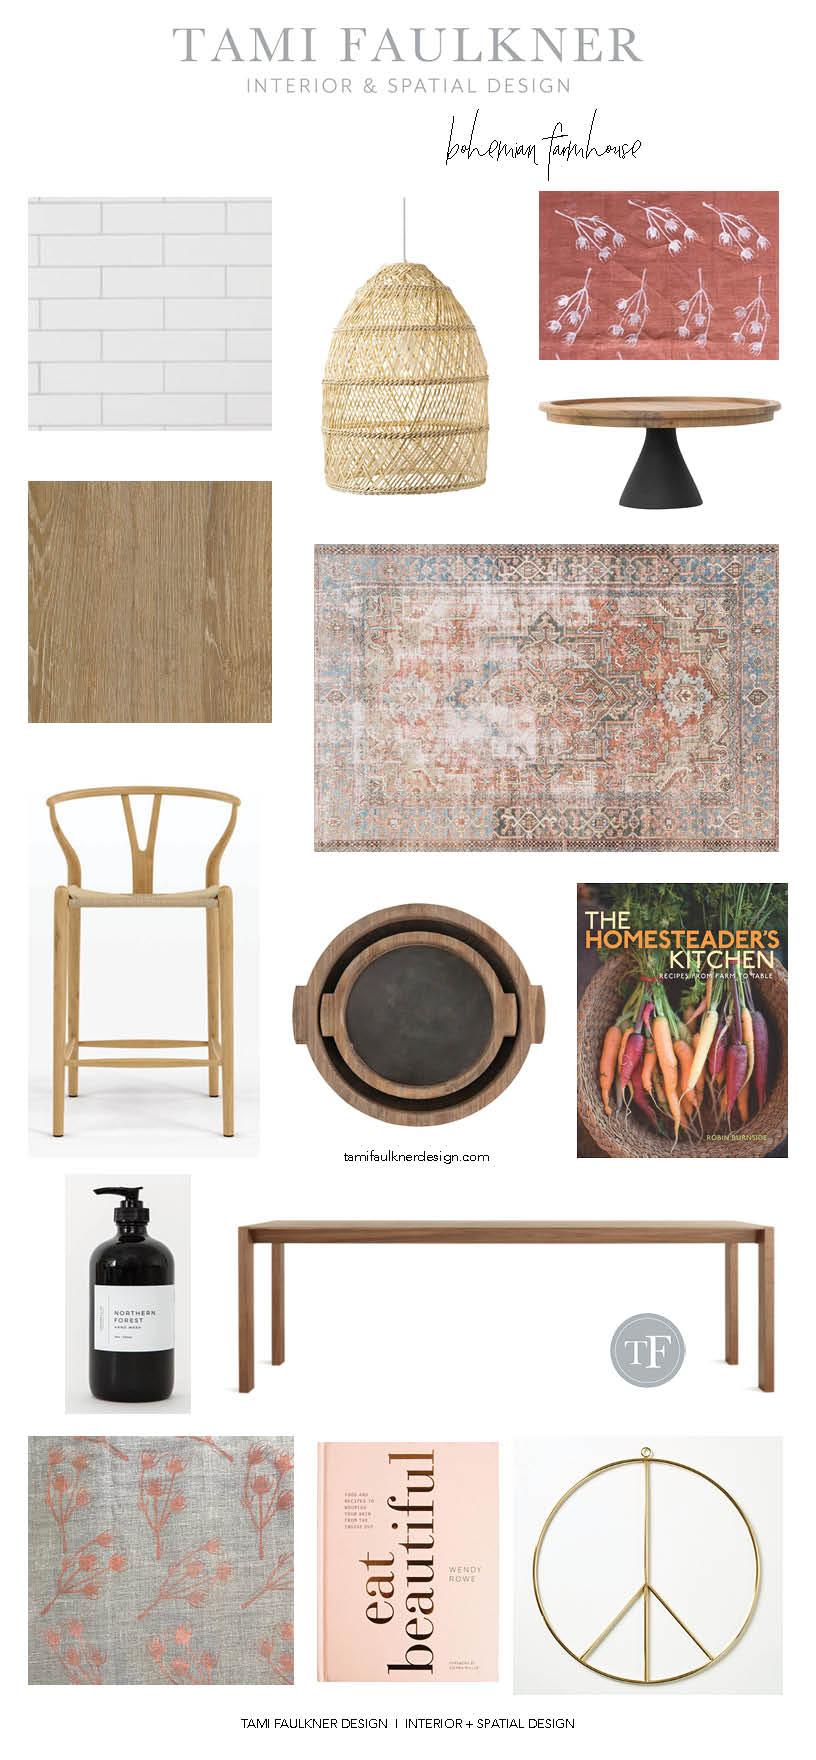 Bohemian farmhouse tami faulkner design farmhouse floor plans, sacramento interior designer